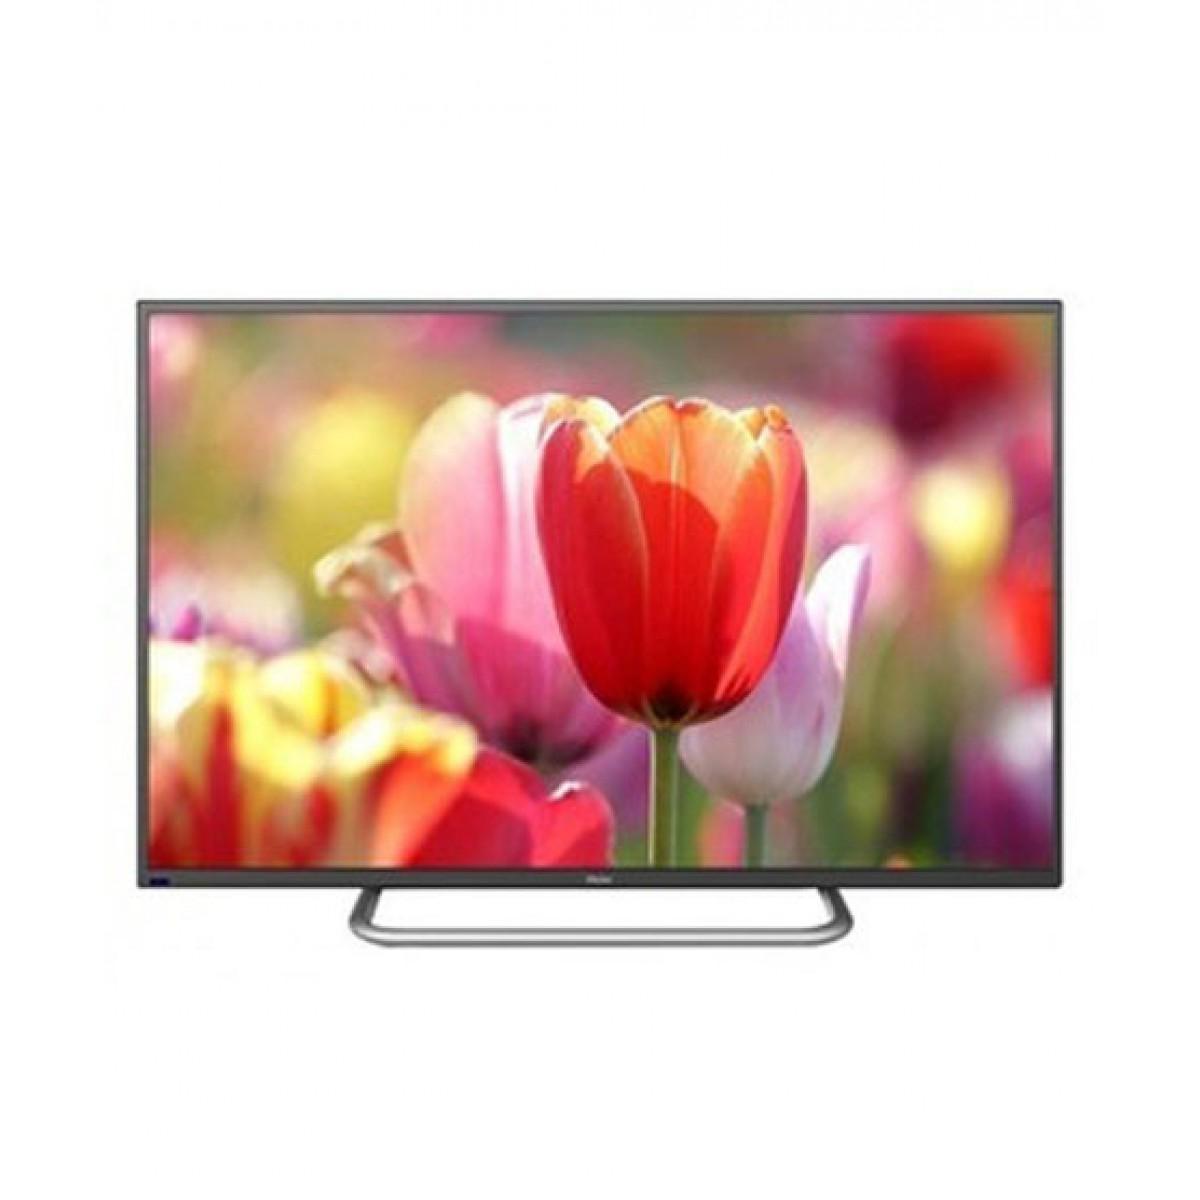 Haier 32K6000 LED TV